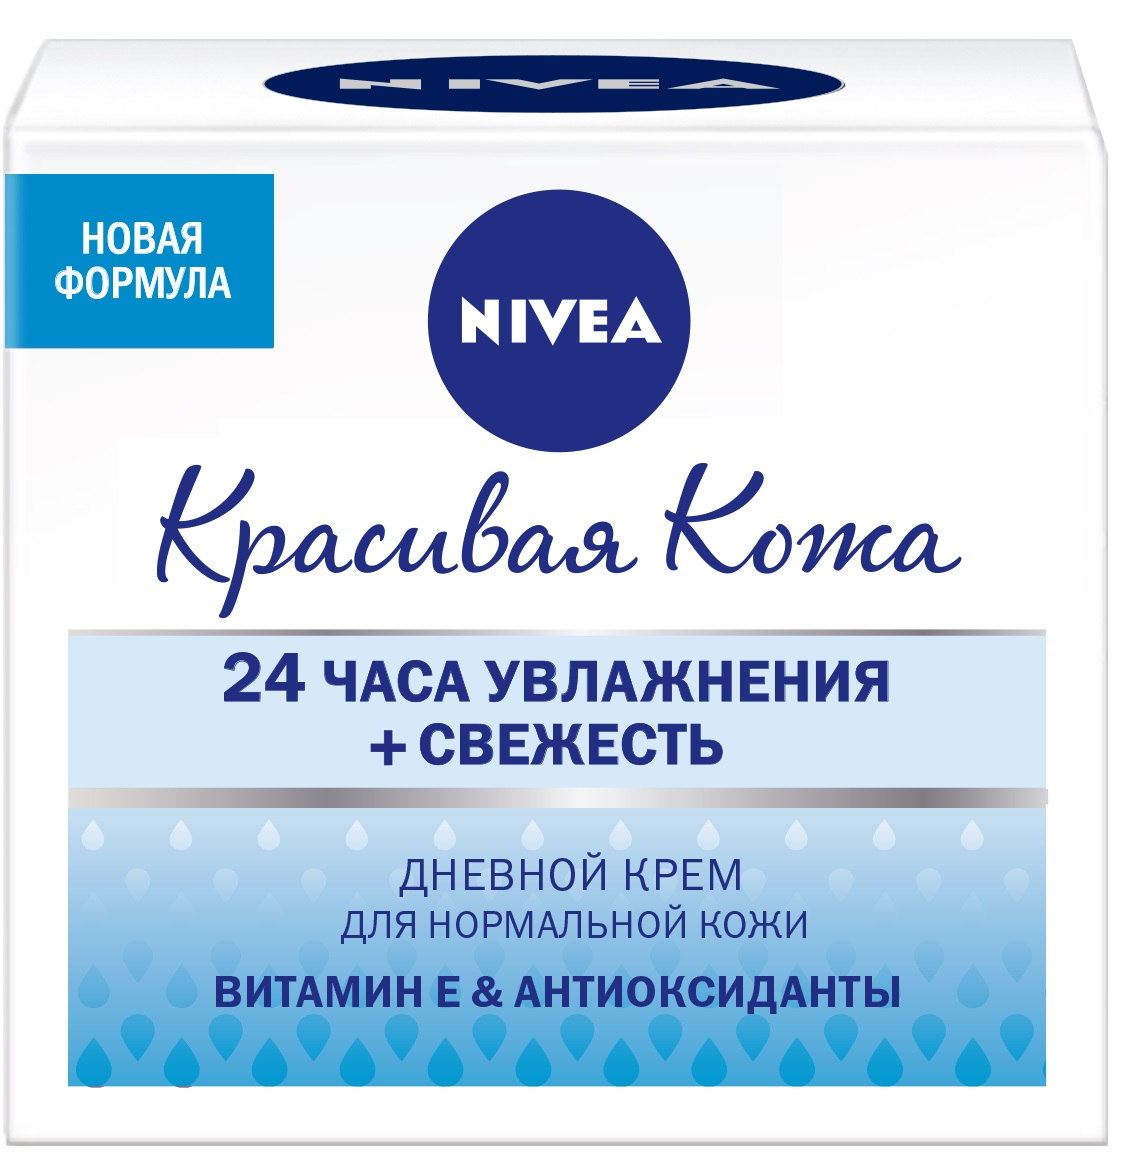 NIVEA Увлажняющий дневной кремдля нормальной кожи 50 мл1002120Увлажняющий дневной крем Nivea Красота и свежесть с экстрактом лотоса и витаминами быстро впитывается и поддерживает природный баланс увлажненности нормальной и комбинированной кожи.Интенсивно увлажняет и надолго освежает кожу. Солнцезащитные фильтры SPF 8 защищают кожу от негативного воздействия окружающей среды и преждевременного старения. Результат: свежая и эластичная кожа. Характеристики:Объем: 50 мл. Производитель: Польша. Артикул: 81202. Товар сертифицирован.